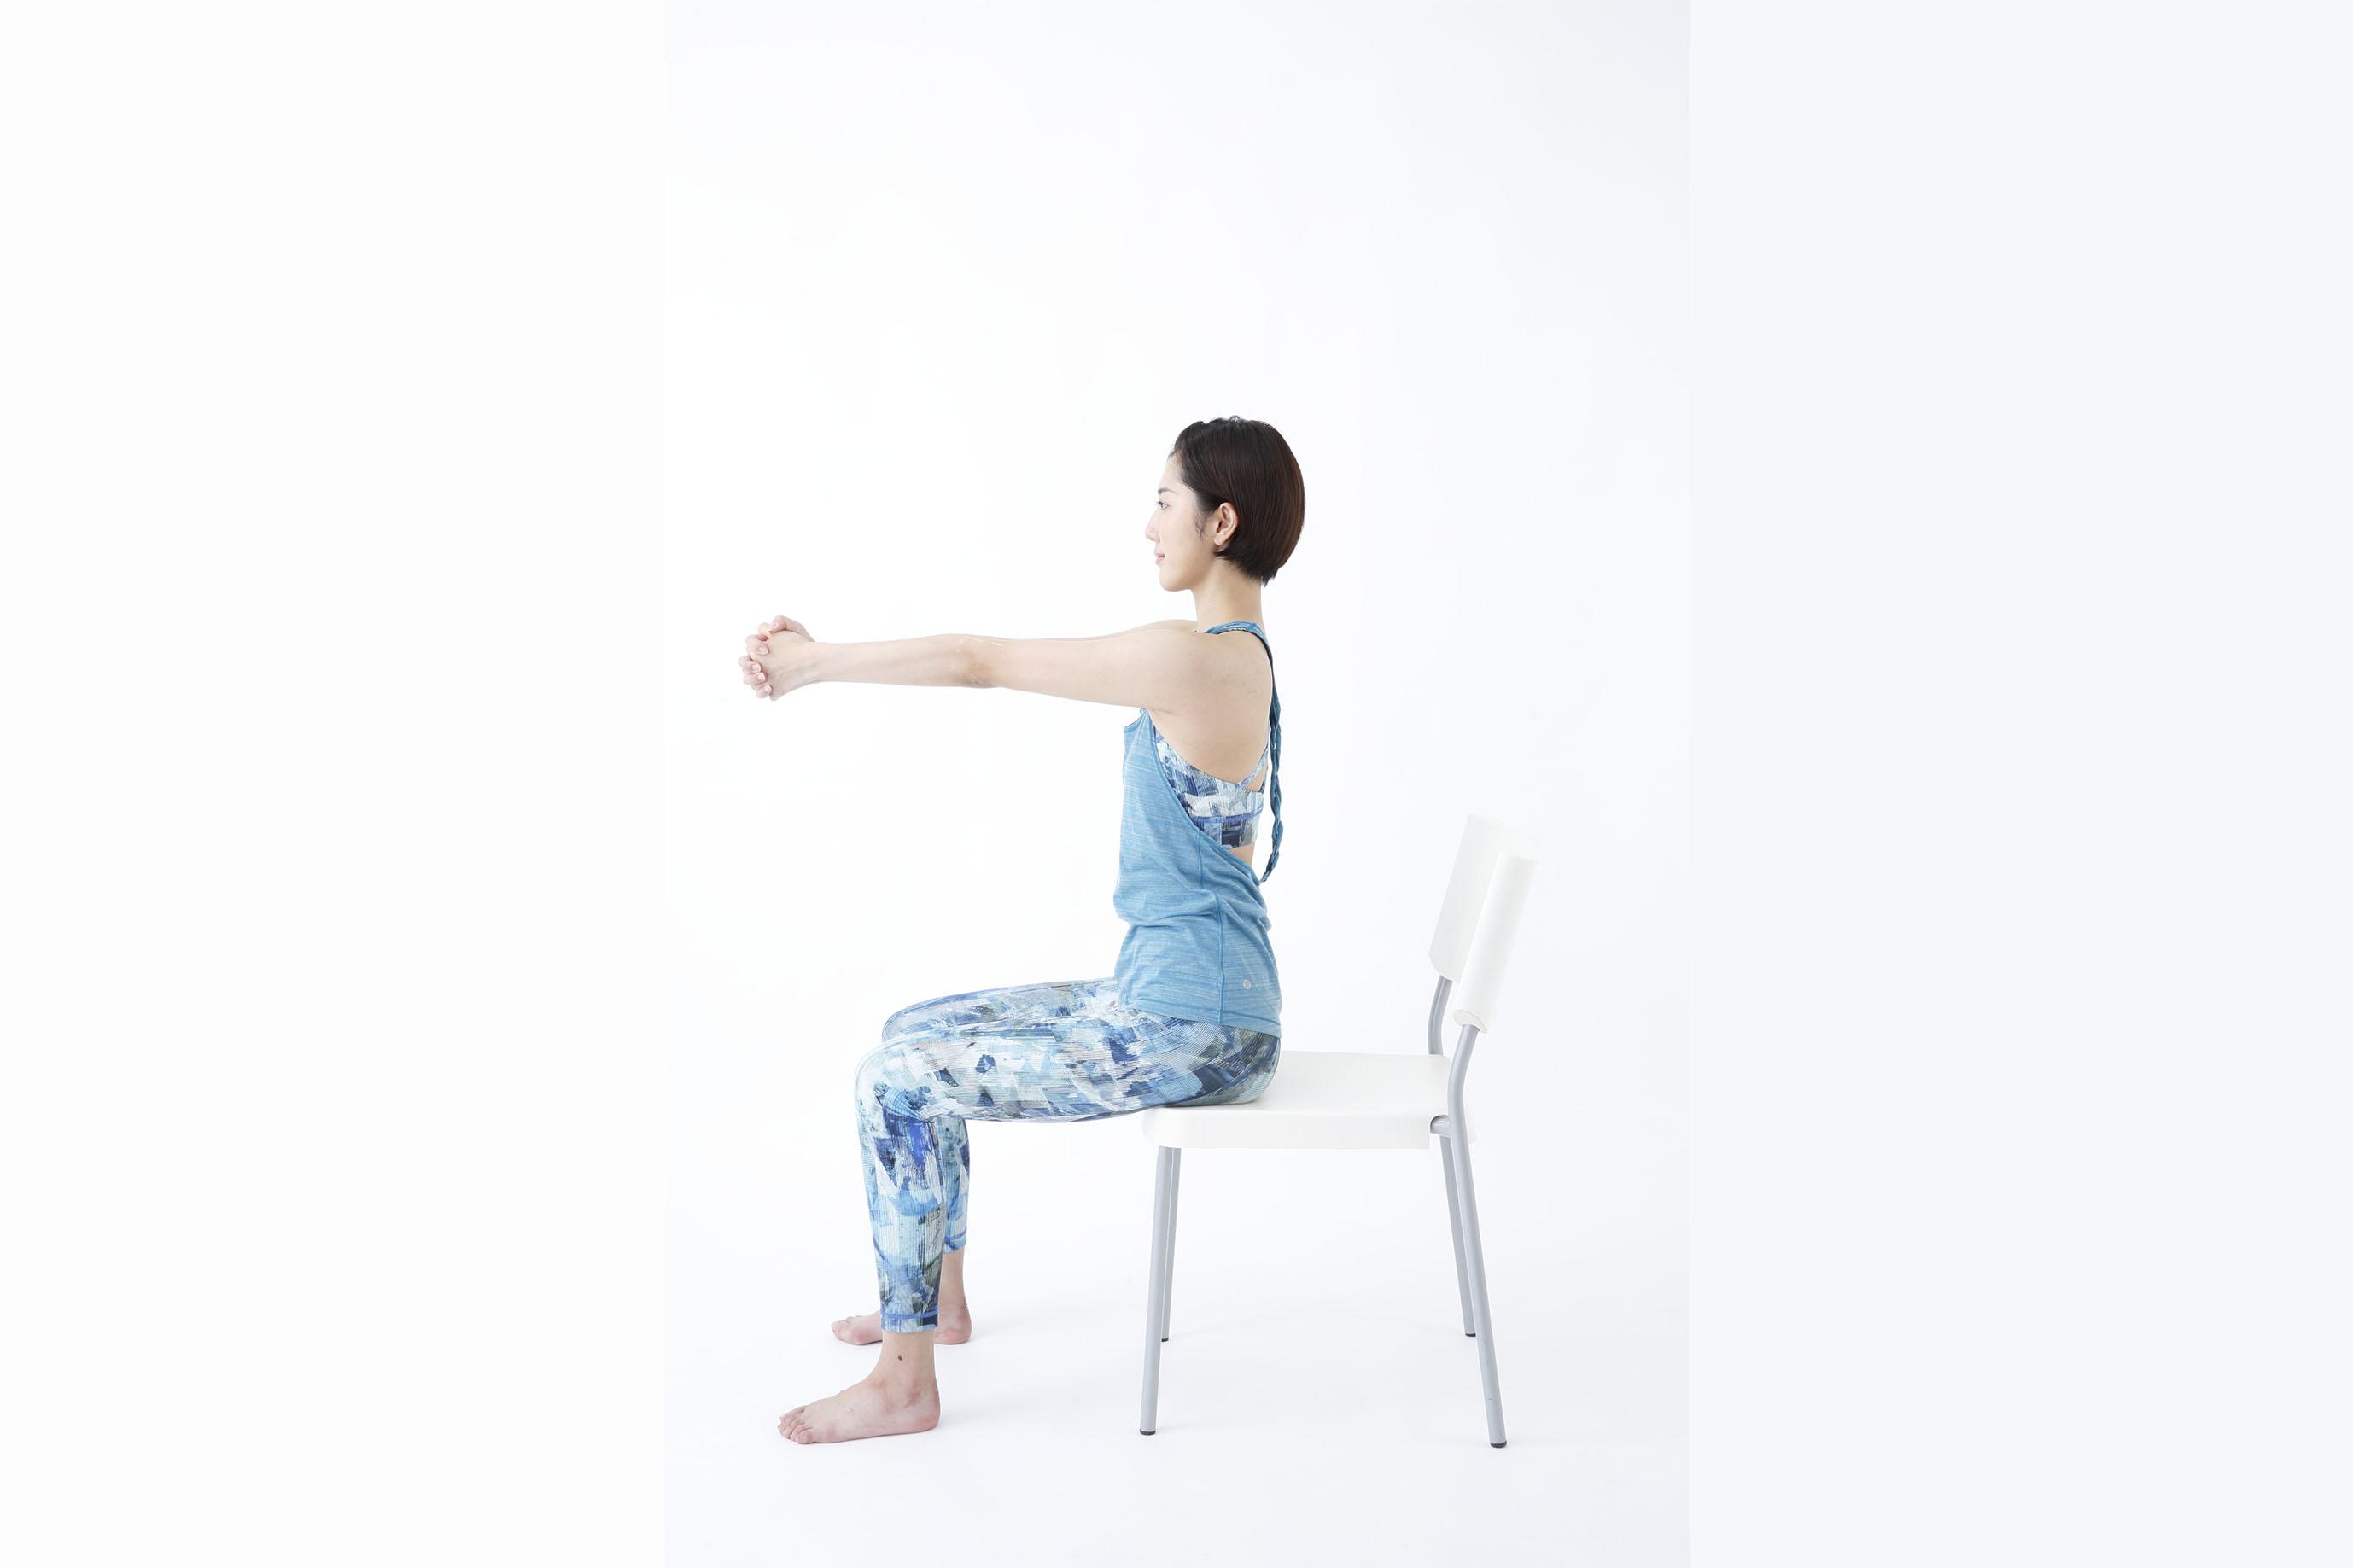 イスに座り両腕を前に伸ばす女性